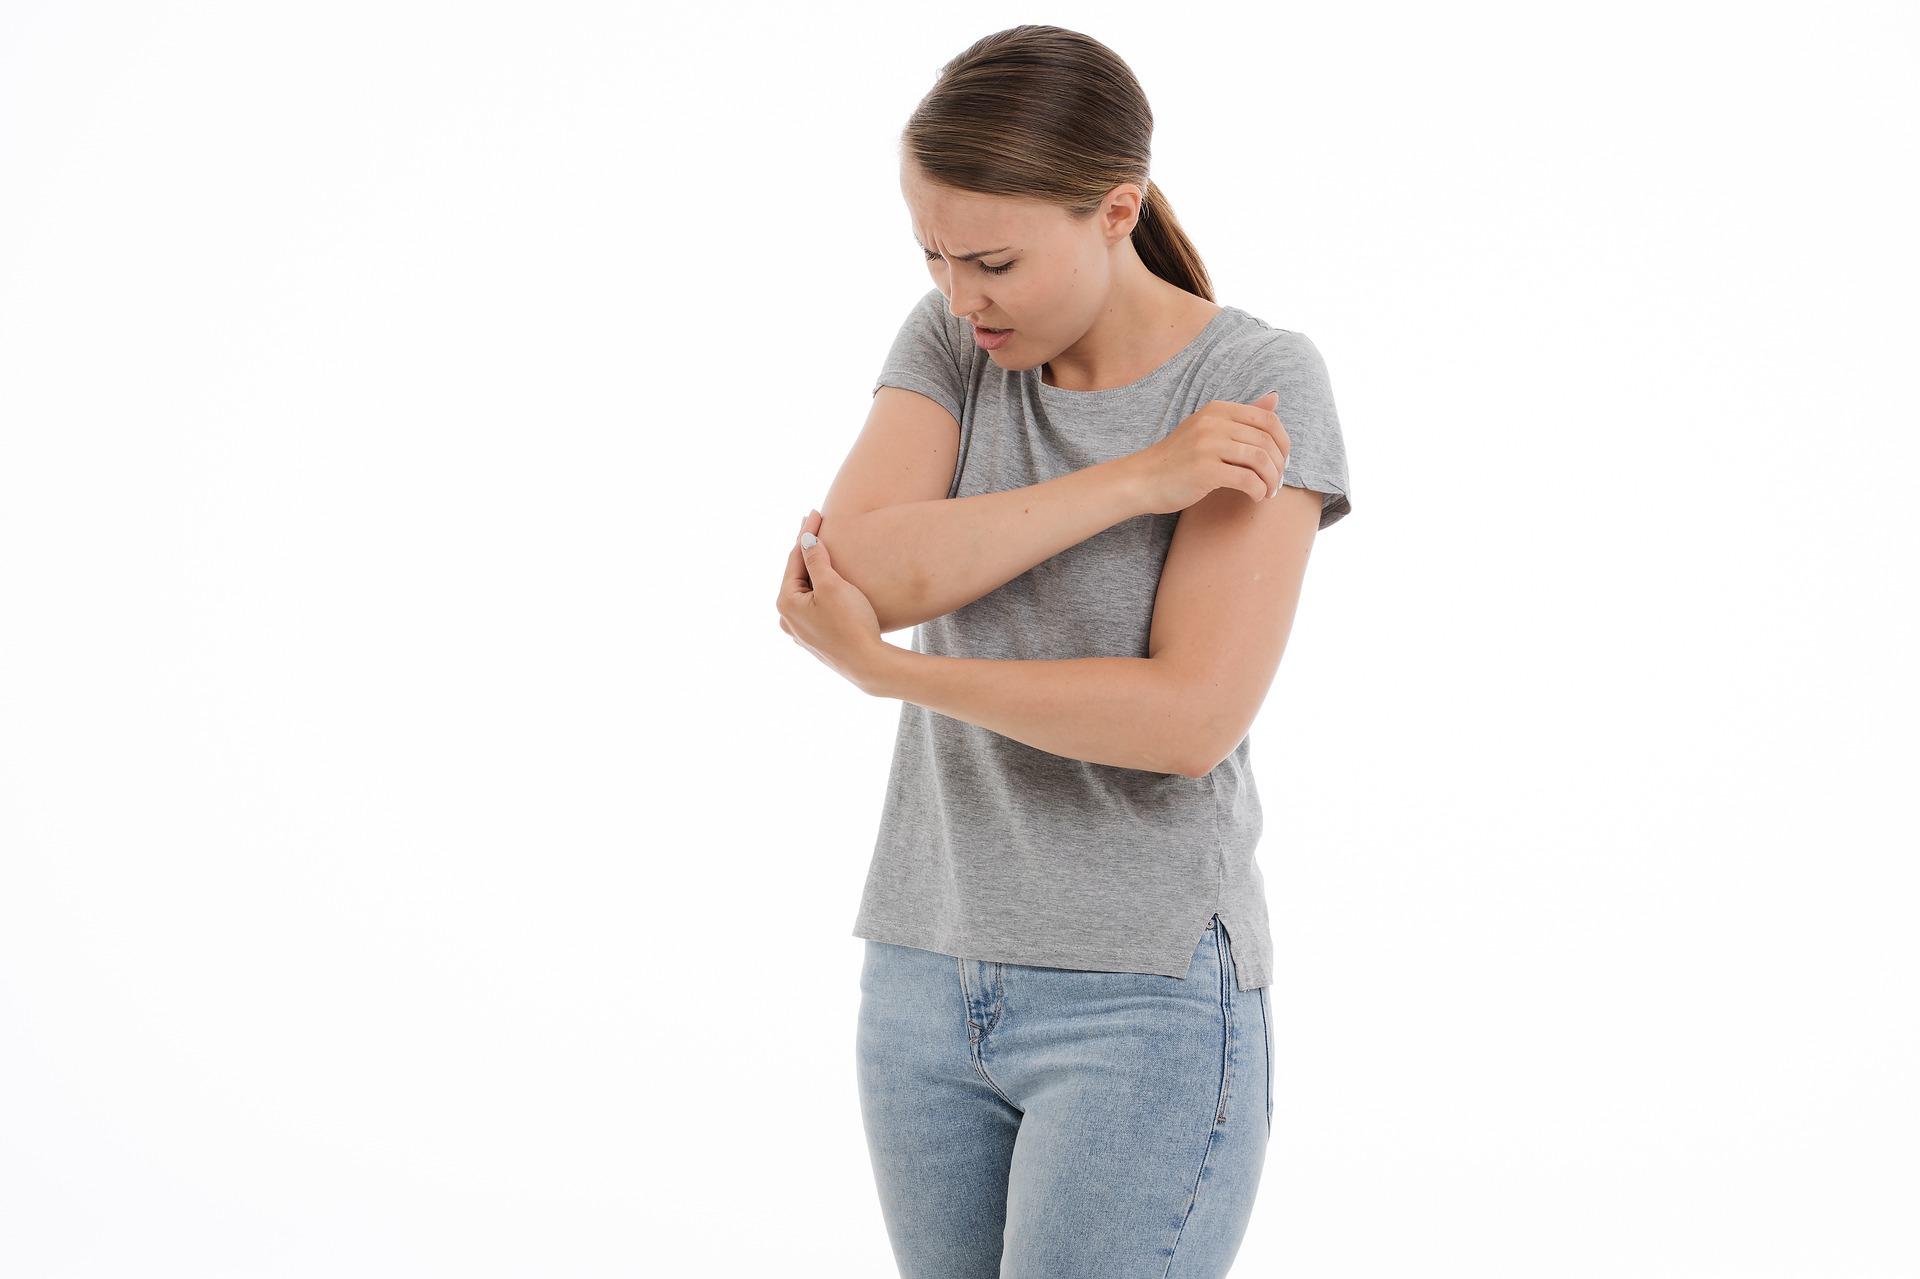 Лучшая мазь от боли в суставах 2019 года: обзор (ТОП-12) эффективных препаратов